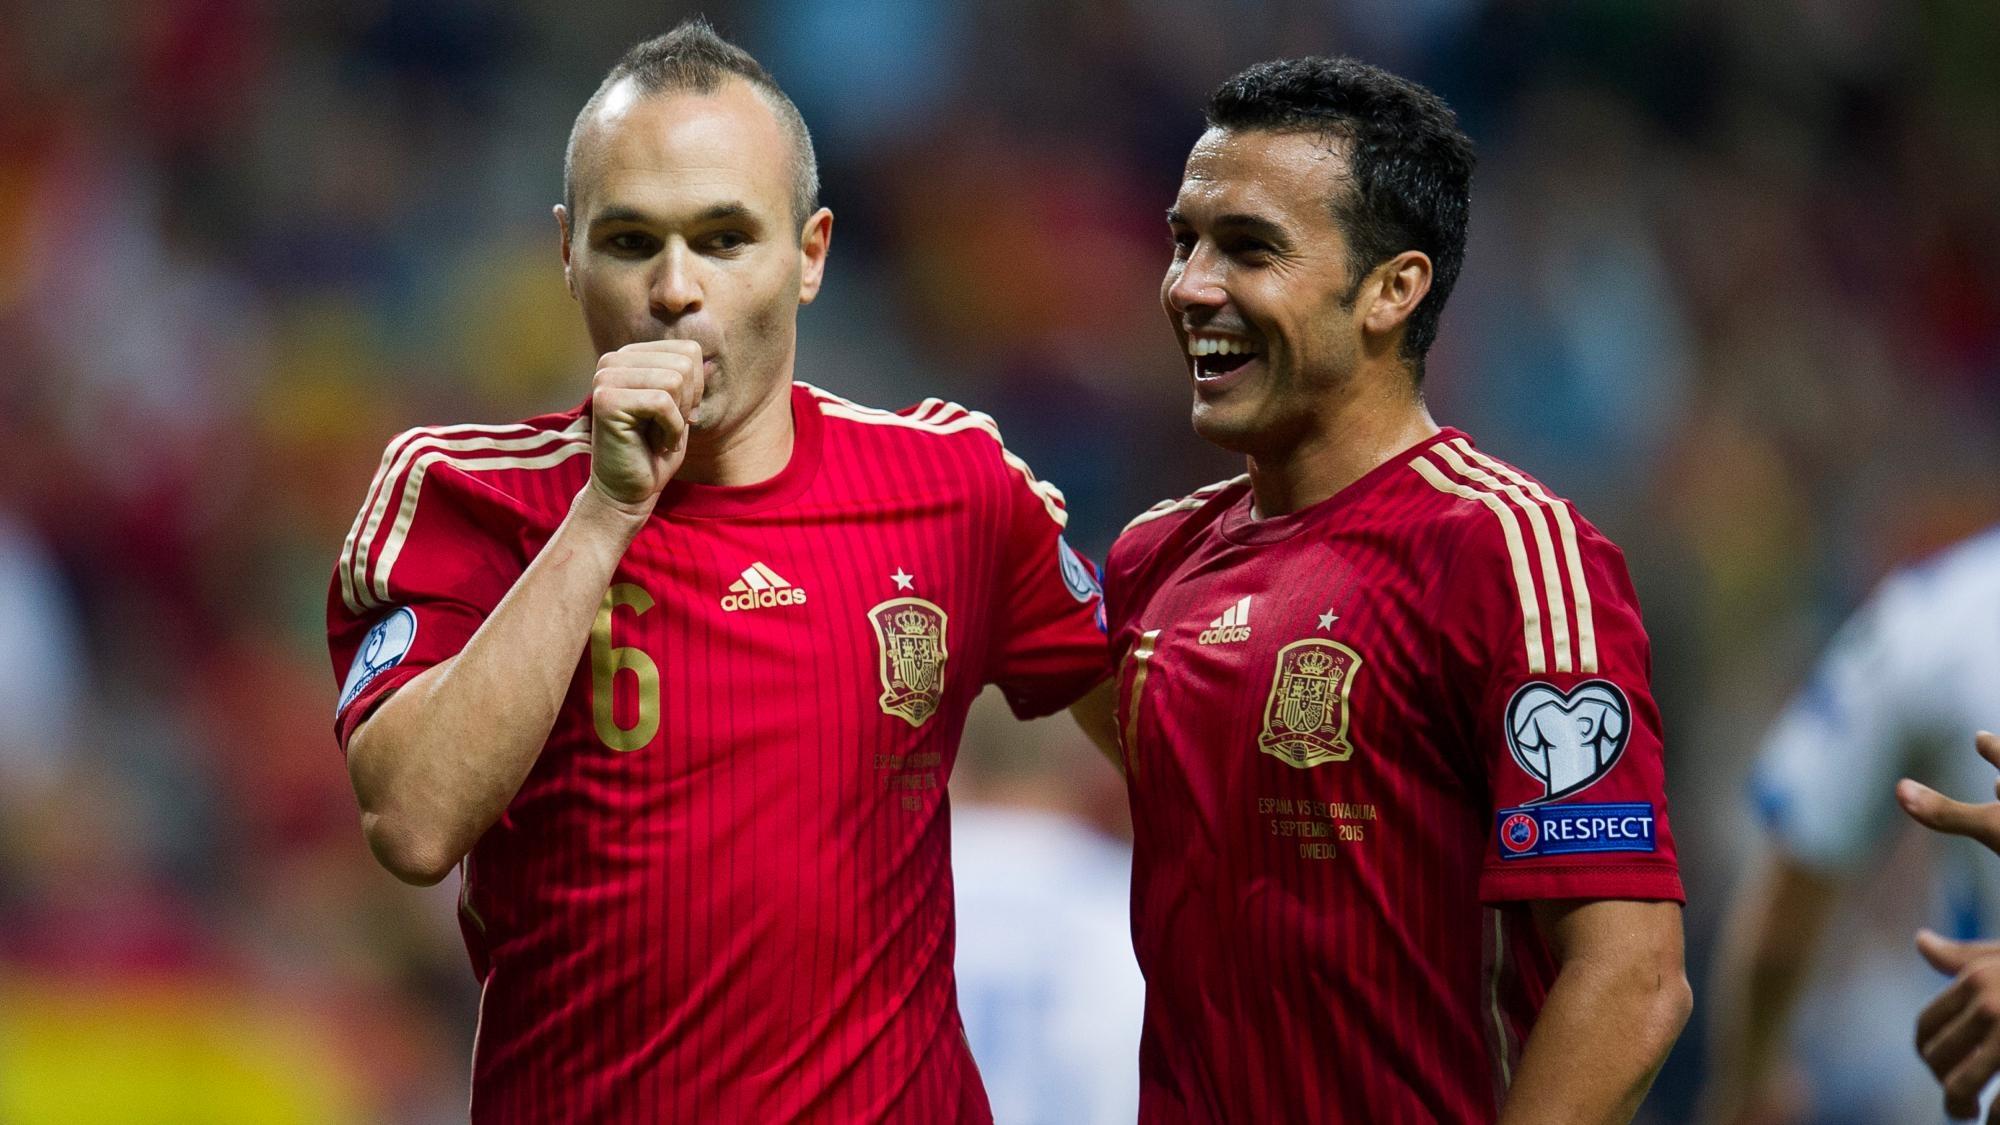 Самый дорогой футболист испании